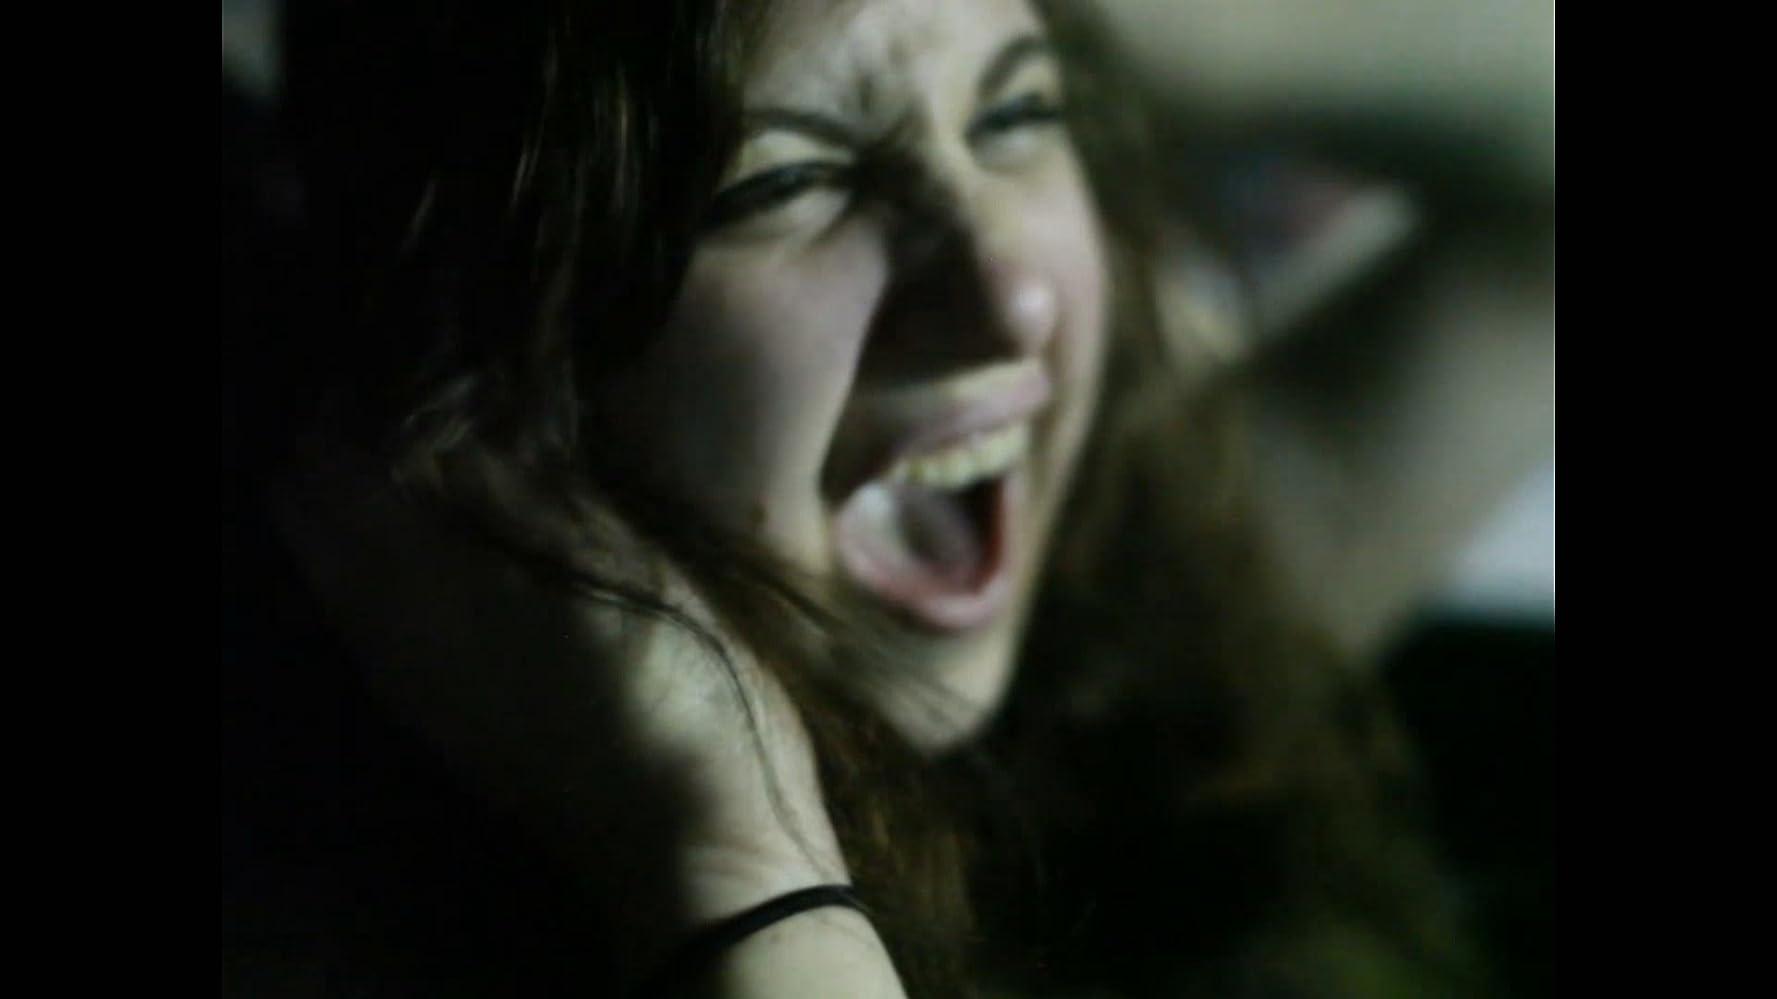 Terror in the Scream (2018)